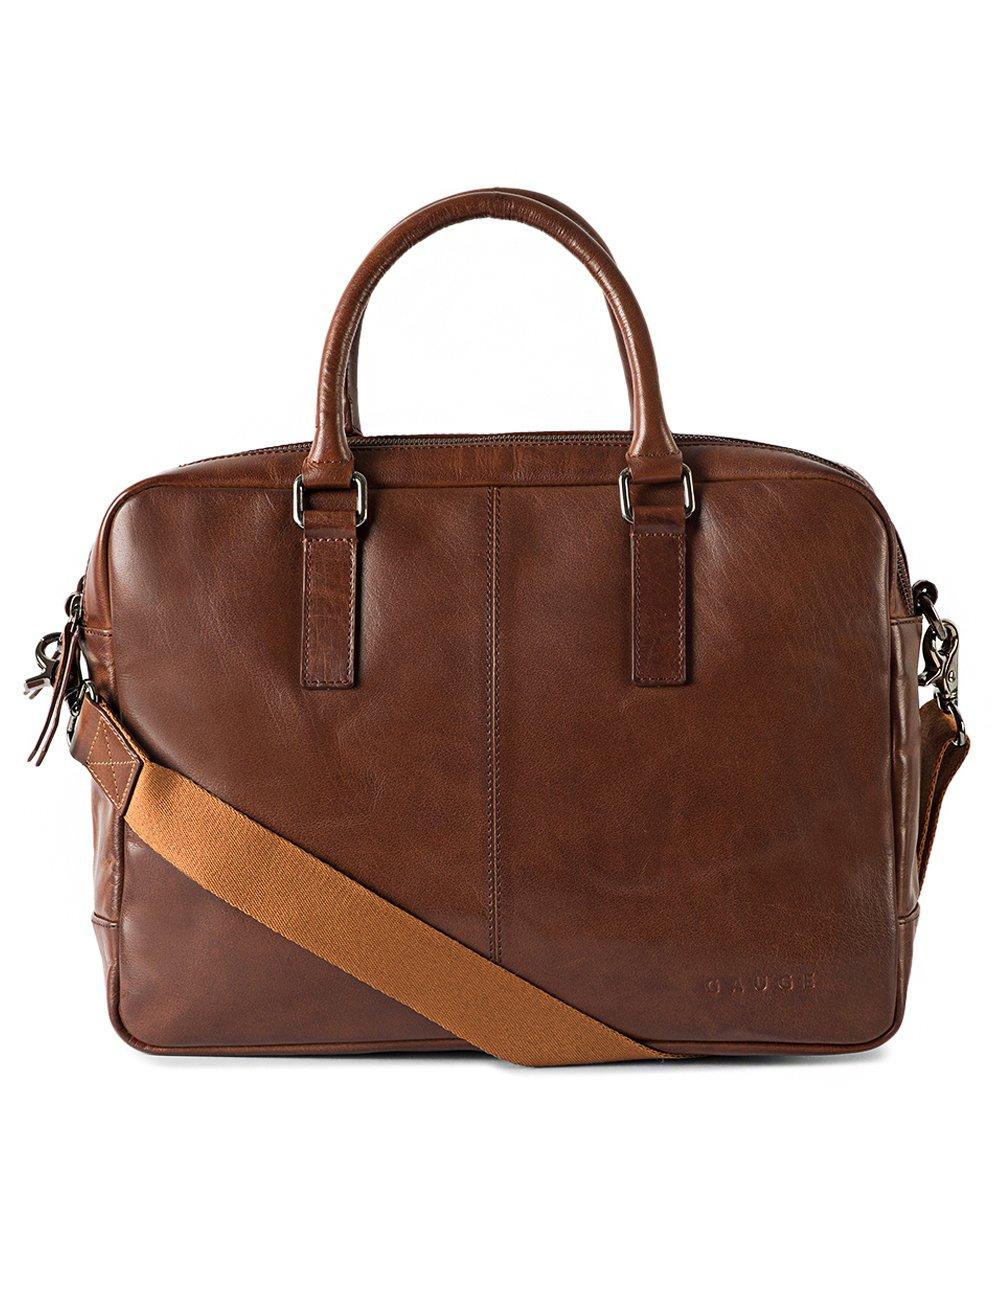 Gauge 15.5 inch Leather Laptop Bag Messenger Bag Office Briefcase College Bag for Men (Tan)